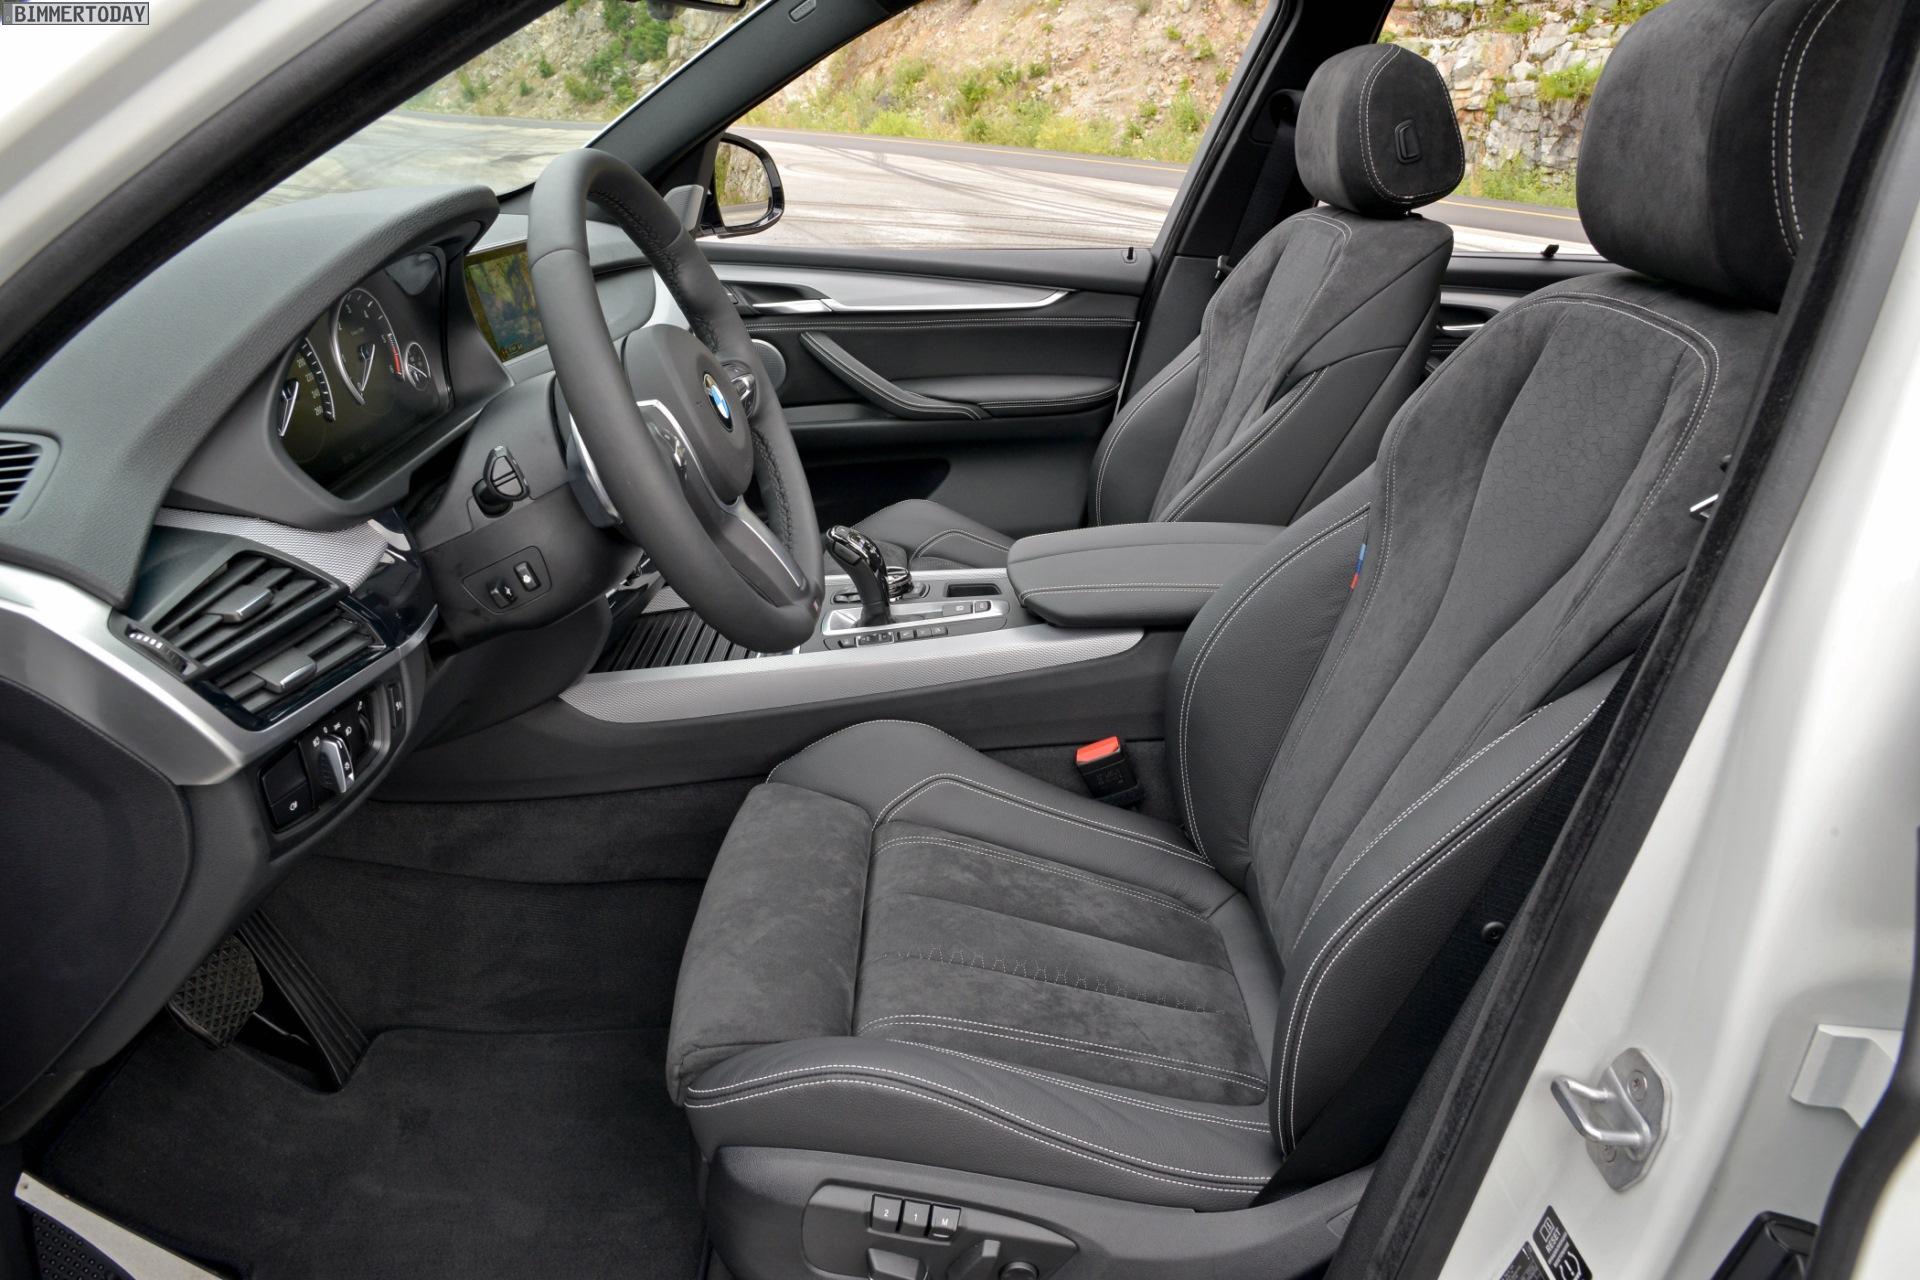 2014-BMW-X5-M50d-F15-M-Sportpaket-weiss-Triturbo-Diesel-offiziell-16